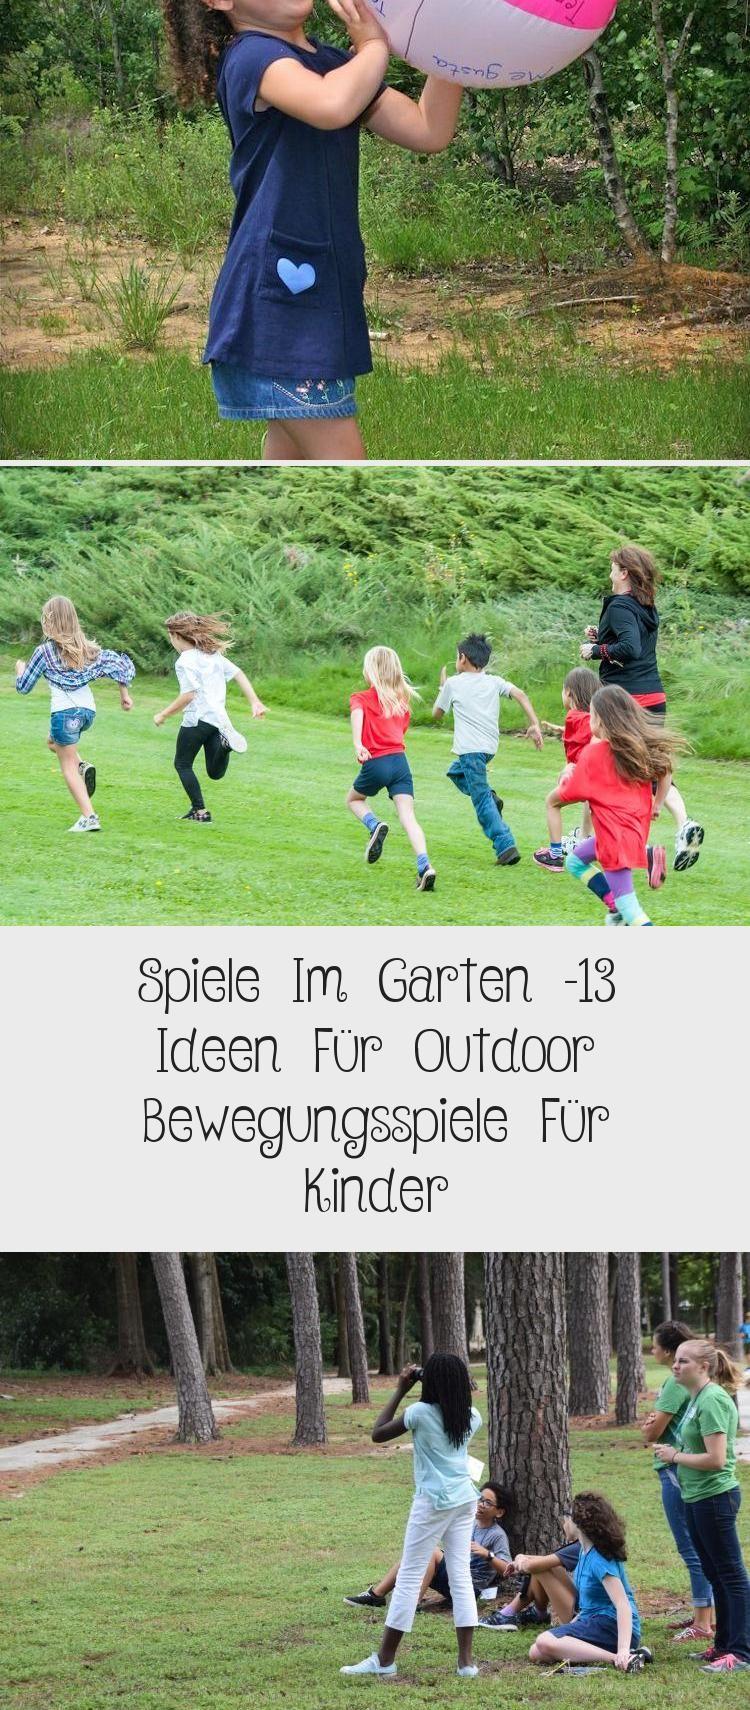 Spiele Im Garten 13 Ideen Fur Outdoor Bewegungsspiele Fur Kinder Spiele Im Garten Outdoor Training Spiele Fur Kinder